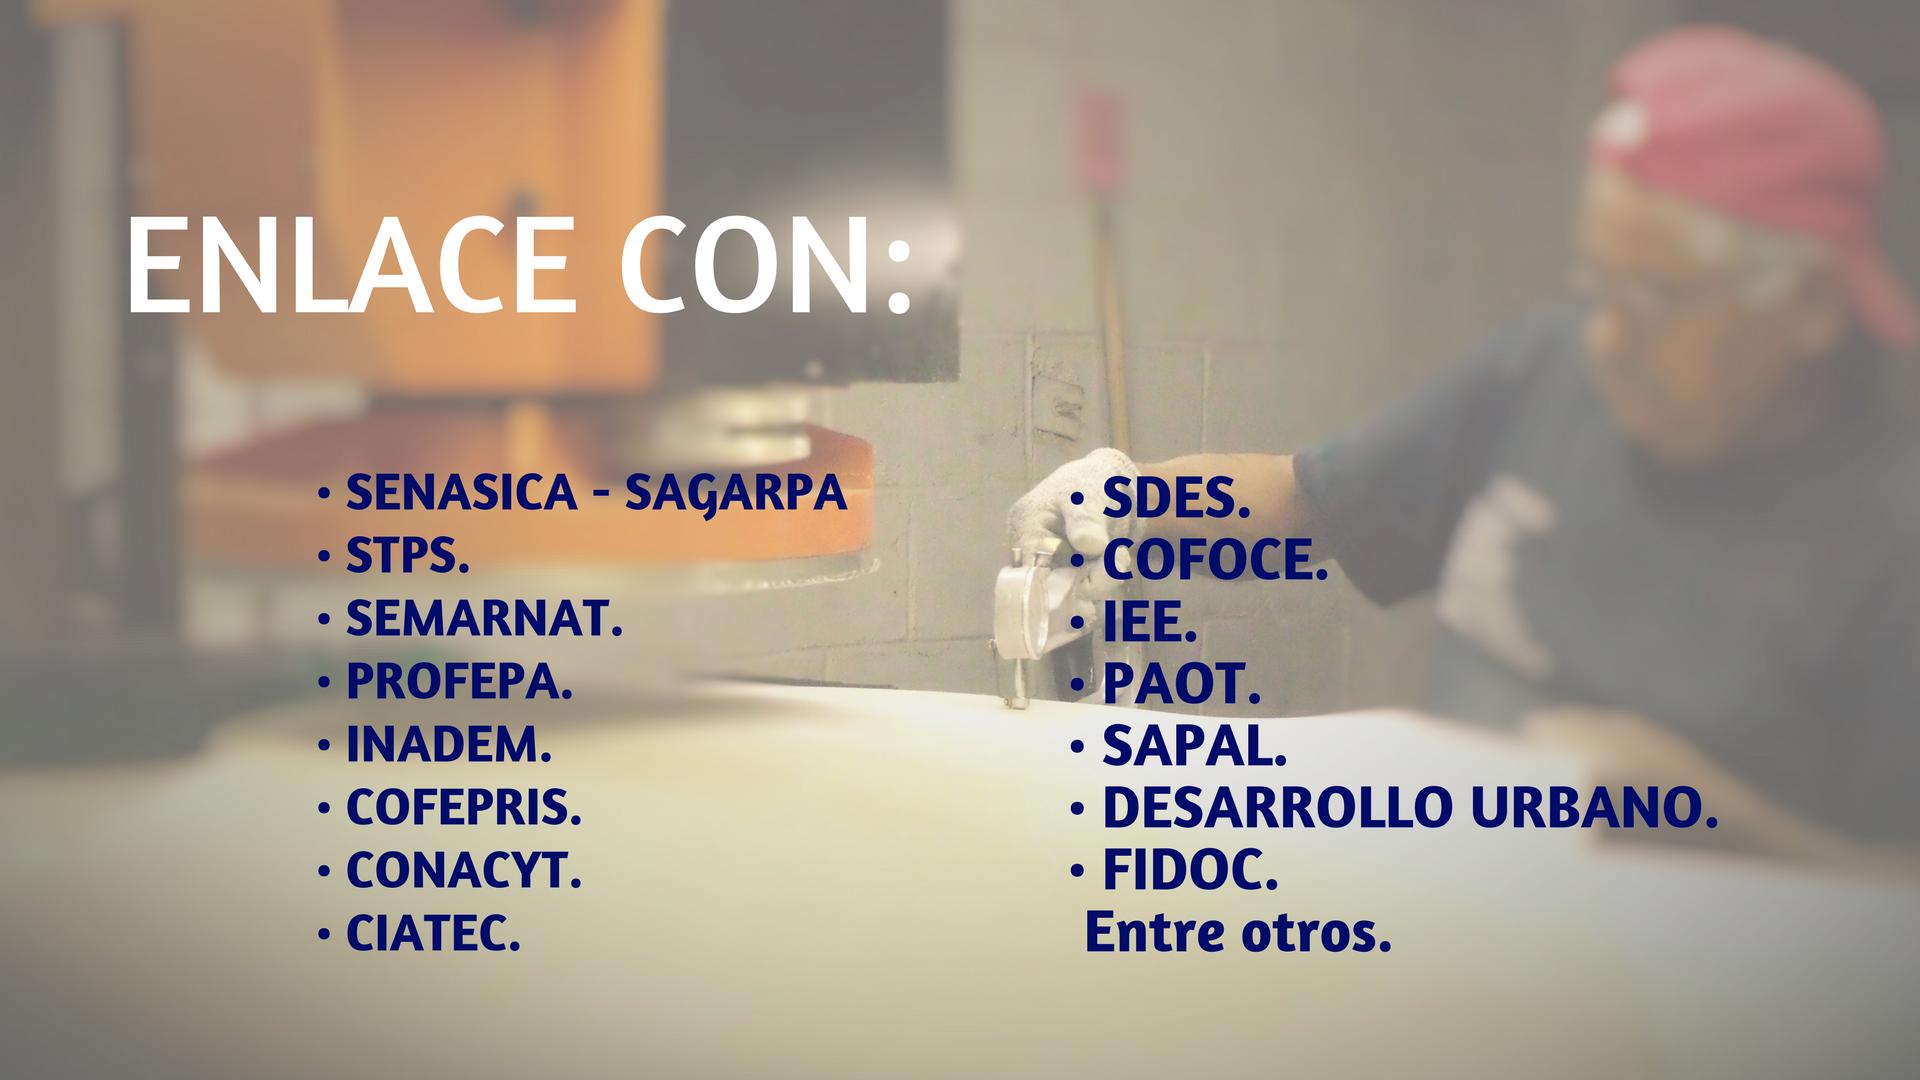 ENLACE CON